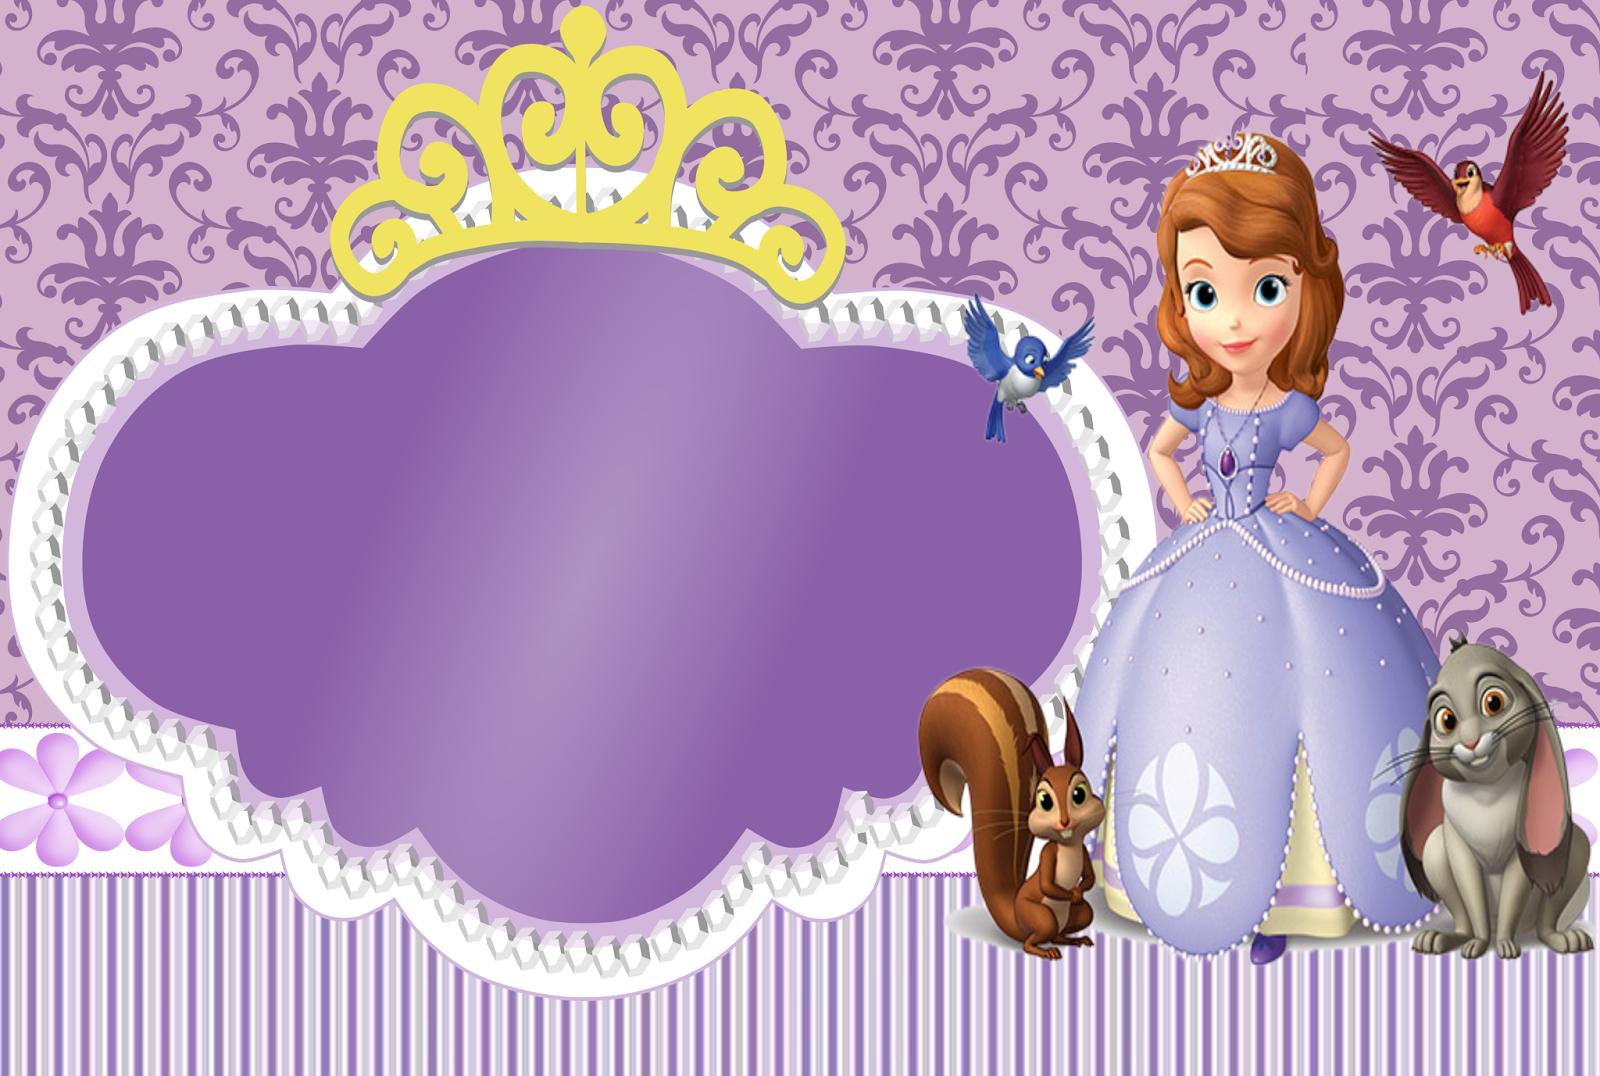 Софии 7 лет картинки, кольцо открытка своими